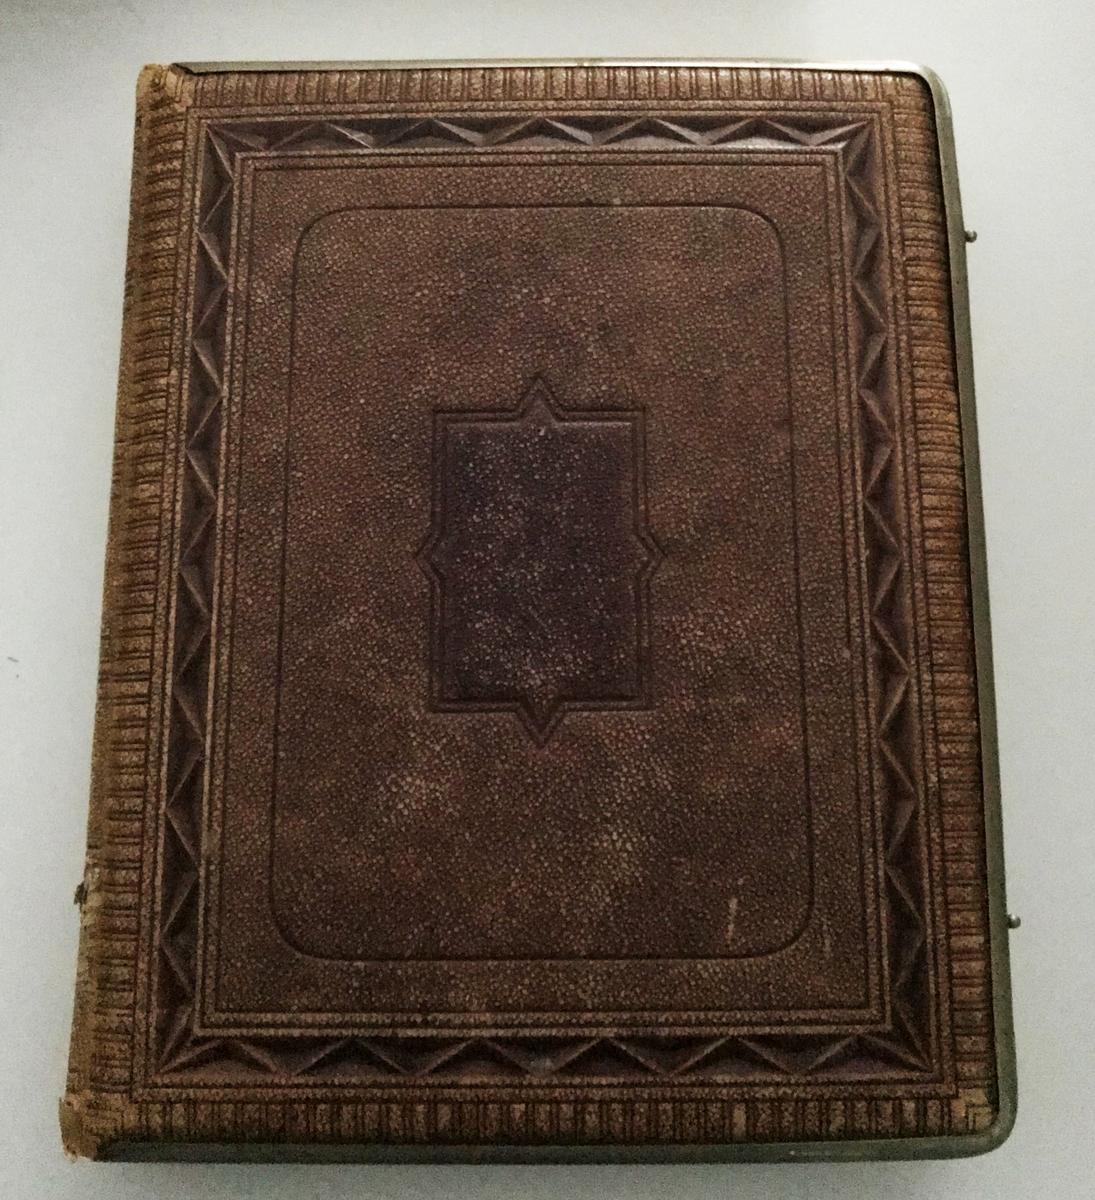 Fotoalbum innehållande porträtt från 1860-70-talen föreställande officerare vid huvudsakligen Västgöta regemente.